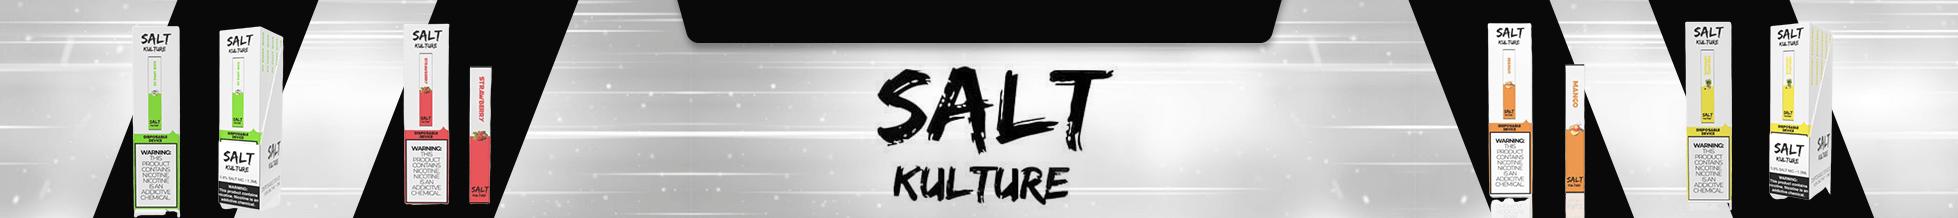 salt-kulture-category-banner.png